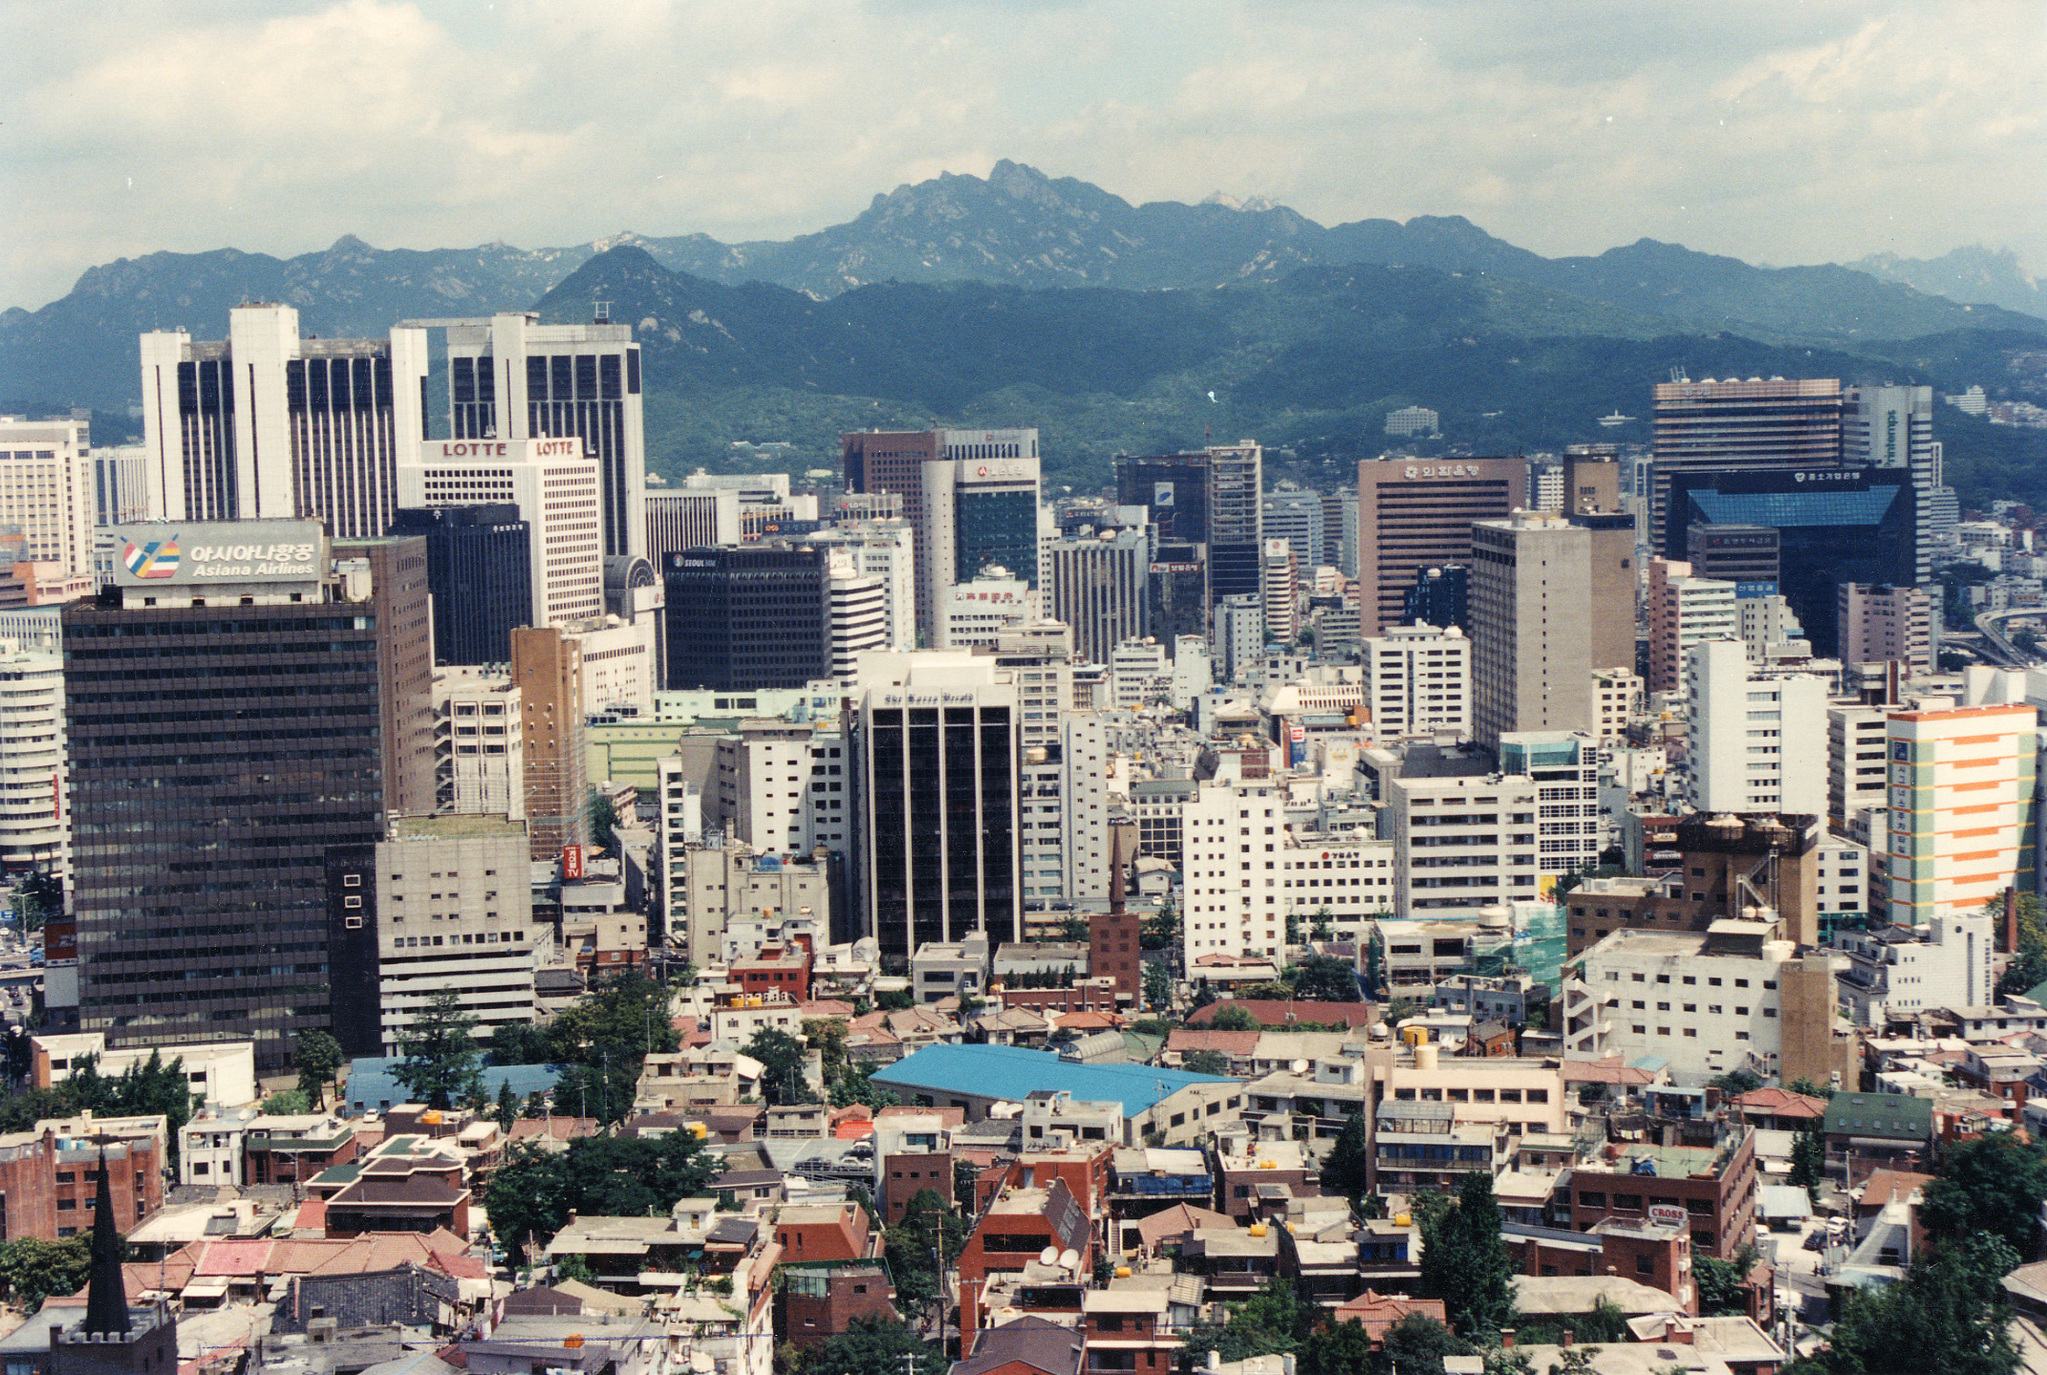 대형빌딩으로 꽉 들어찬 서울의 전경이다.